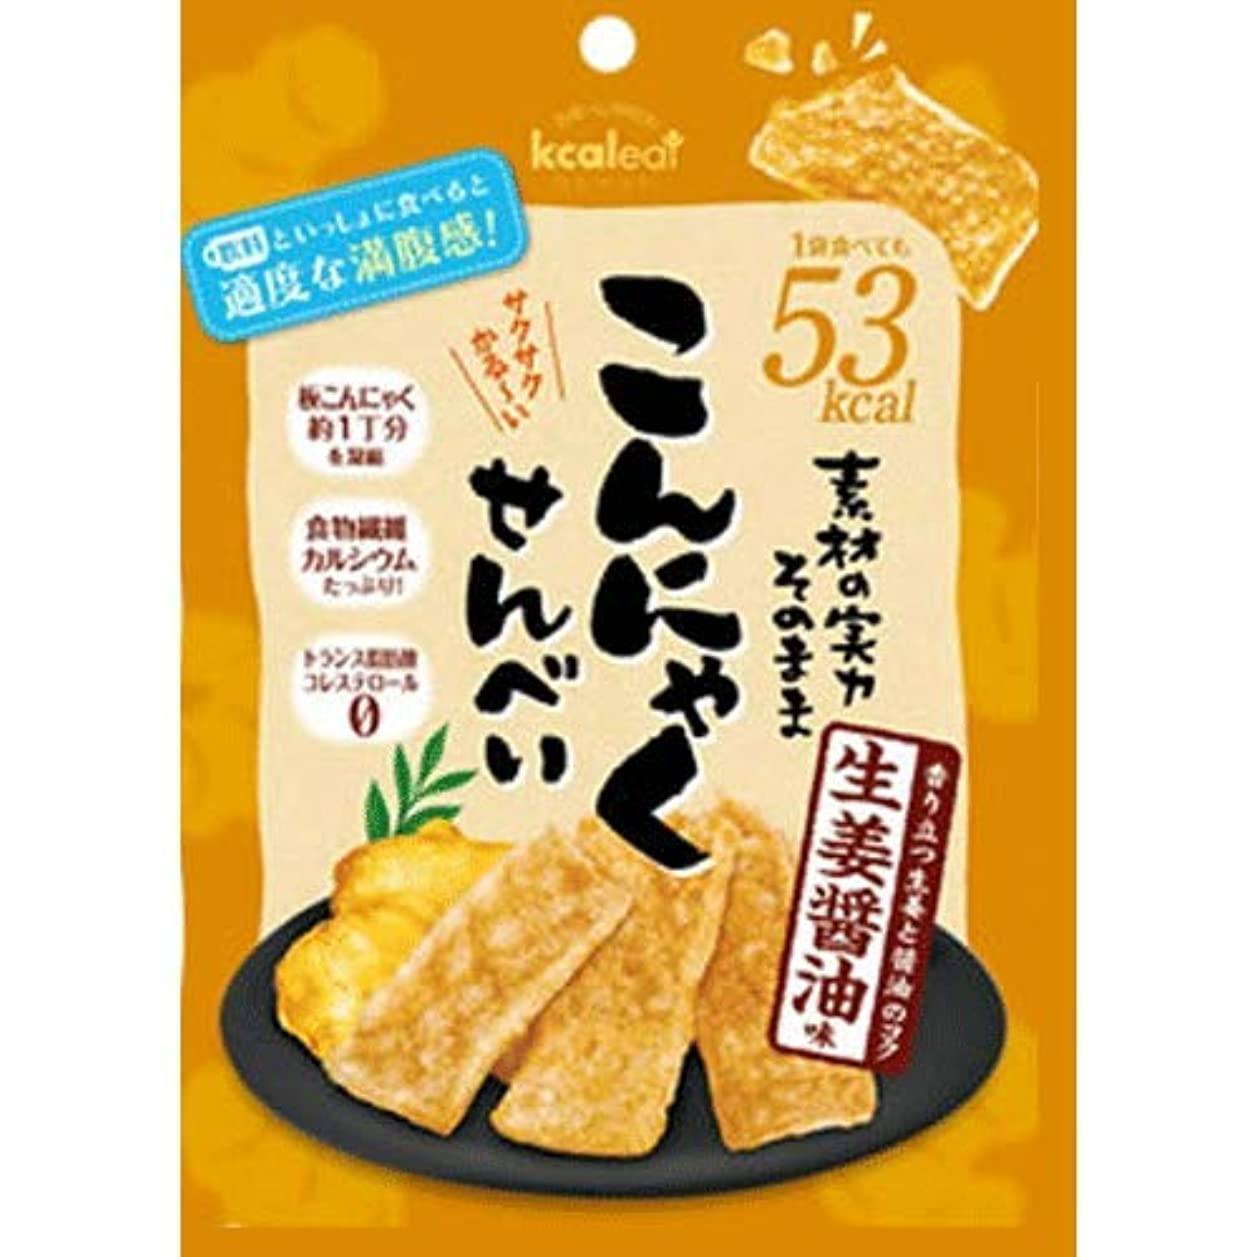 ばかげているボランティアスプリットこんにゃくせんべい 生姜醤油 15g (20袋セット) [並行輸入品]